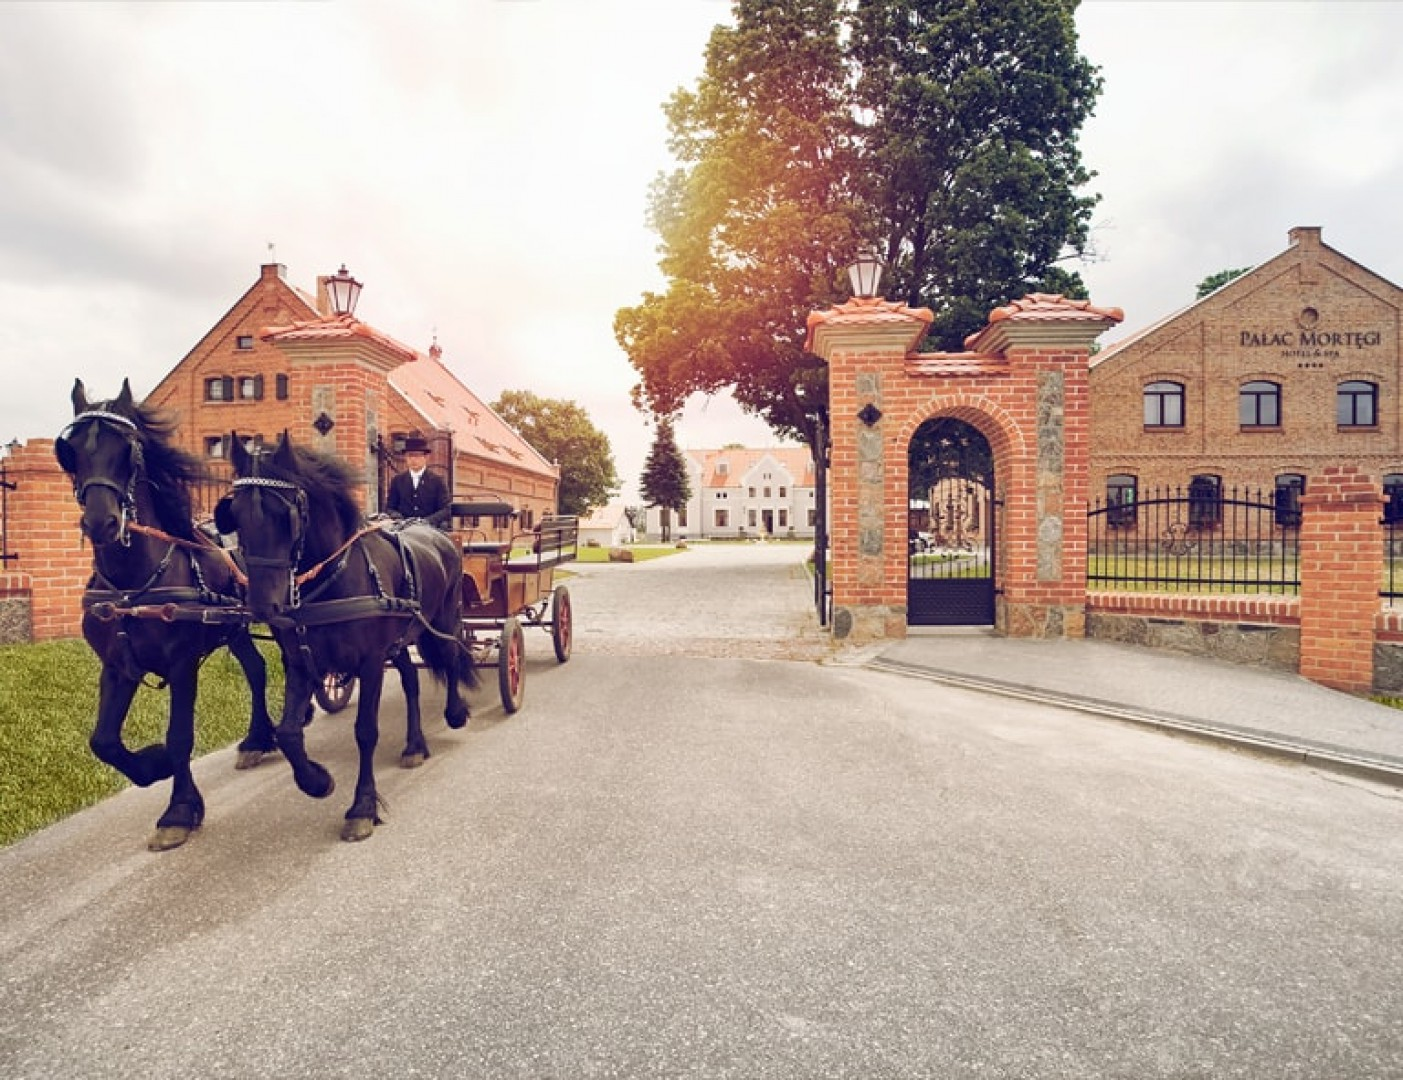 Zabytkowy pałac w Mortęgach niedaleko Lubawy. Fot. Szynaka Meble